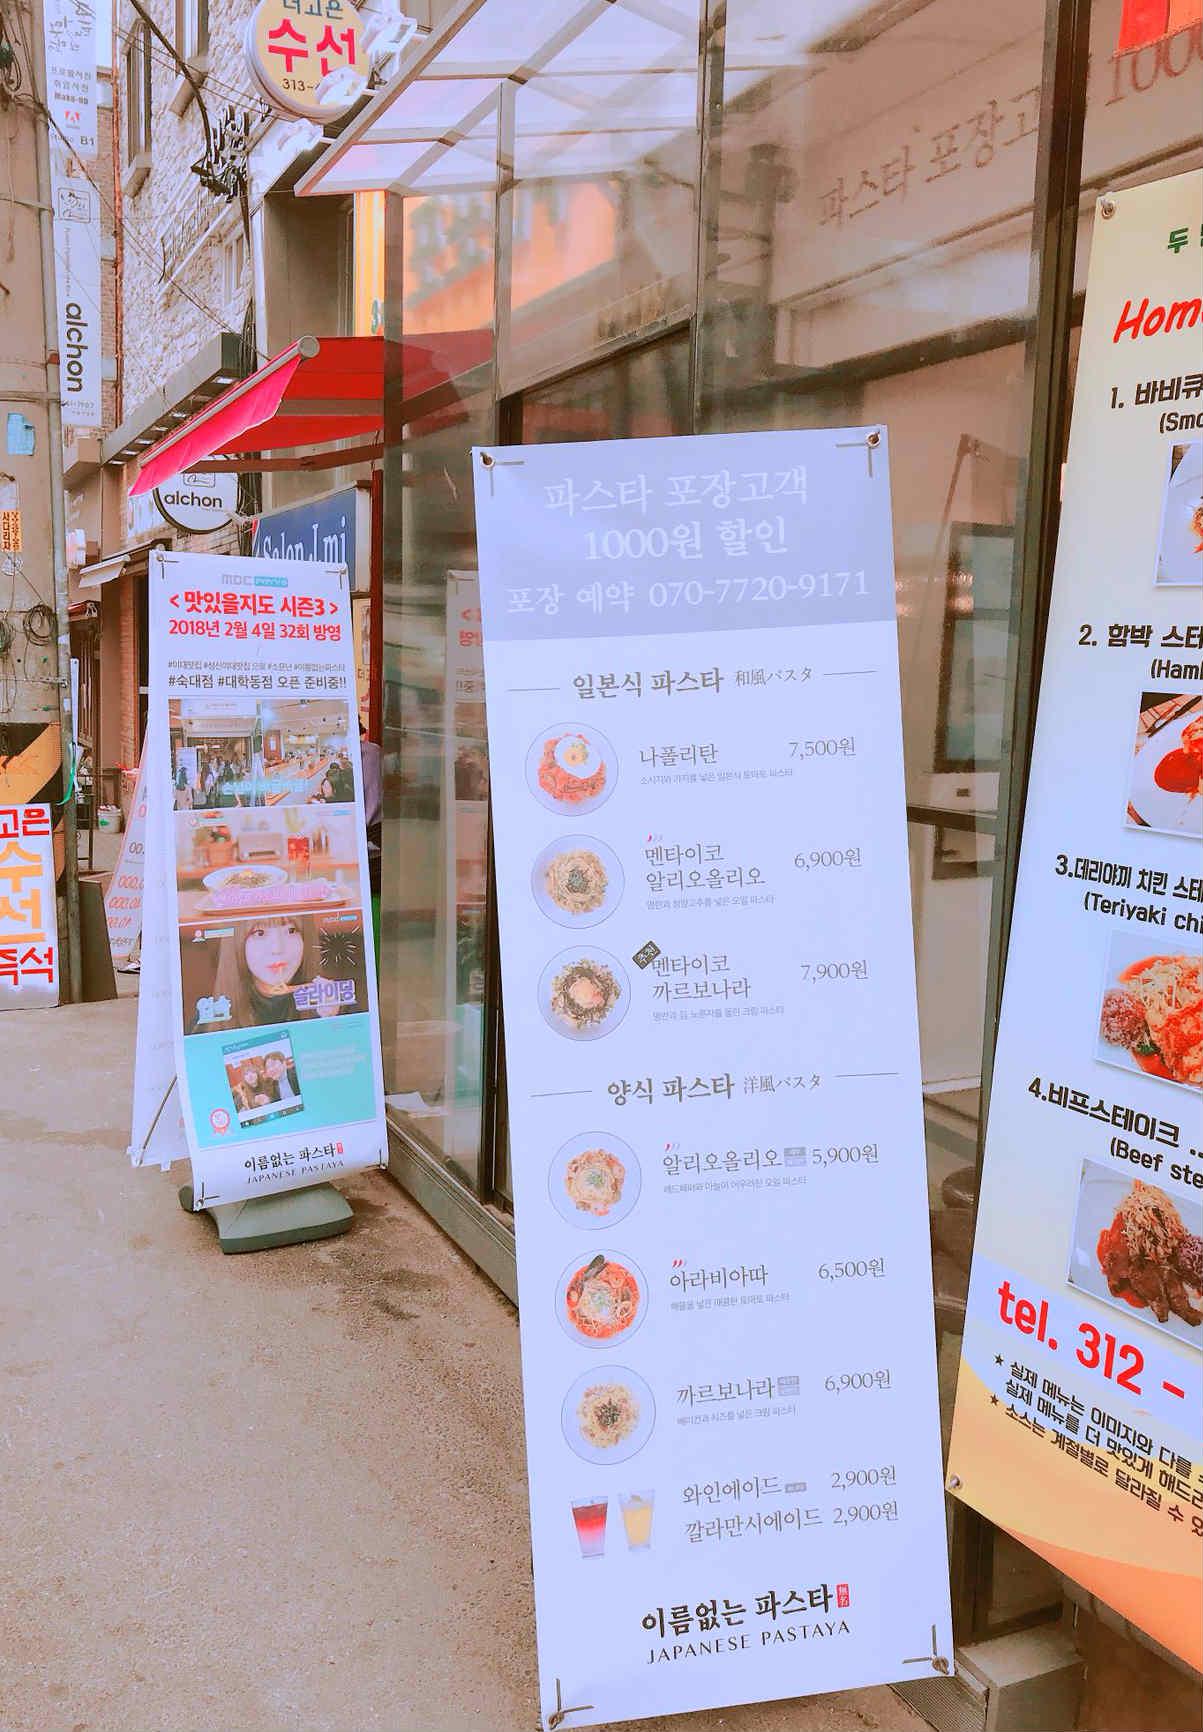 店面雖然不大,但好吃的程度,卻吸引了MBC電視節目的採訪喔!